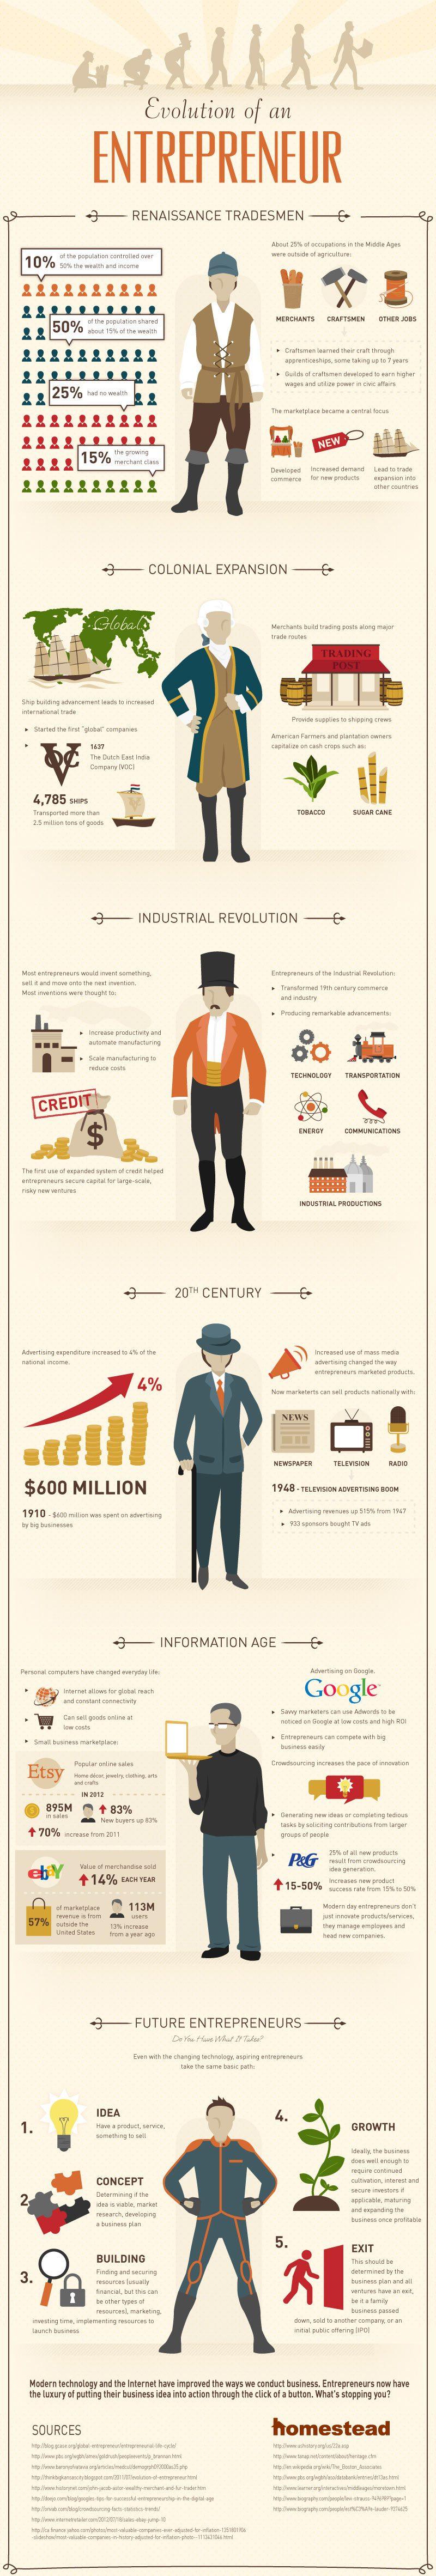 entrepreneurship-evolution